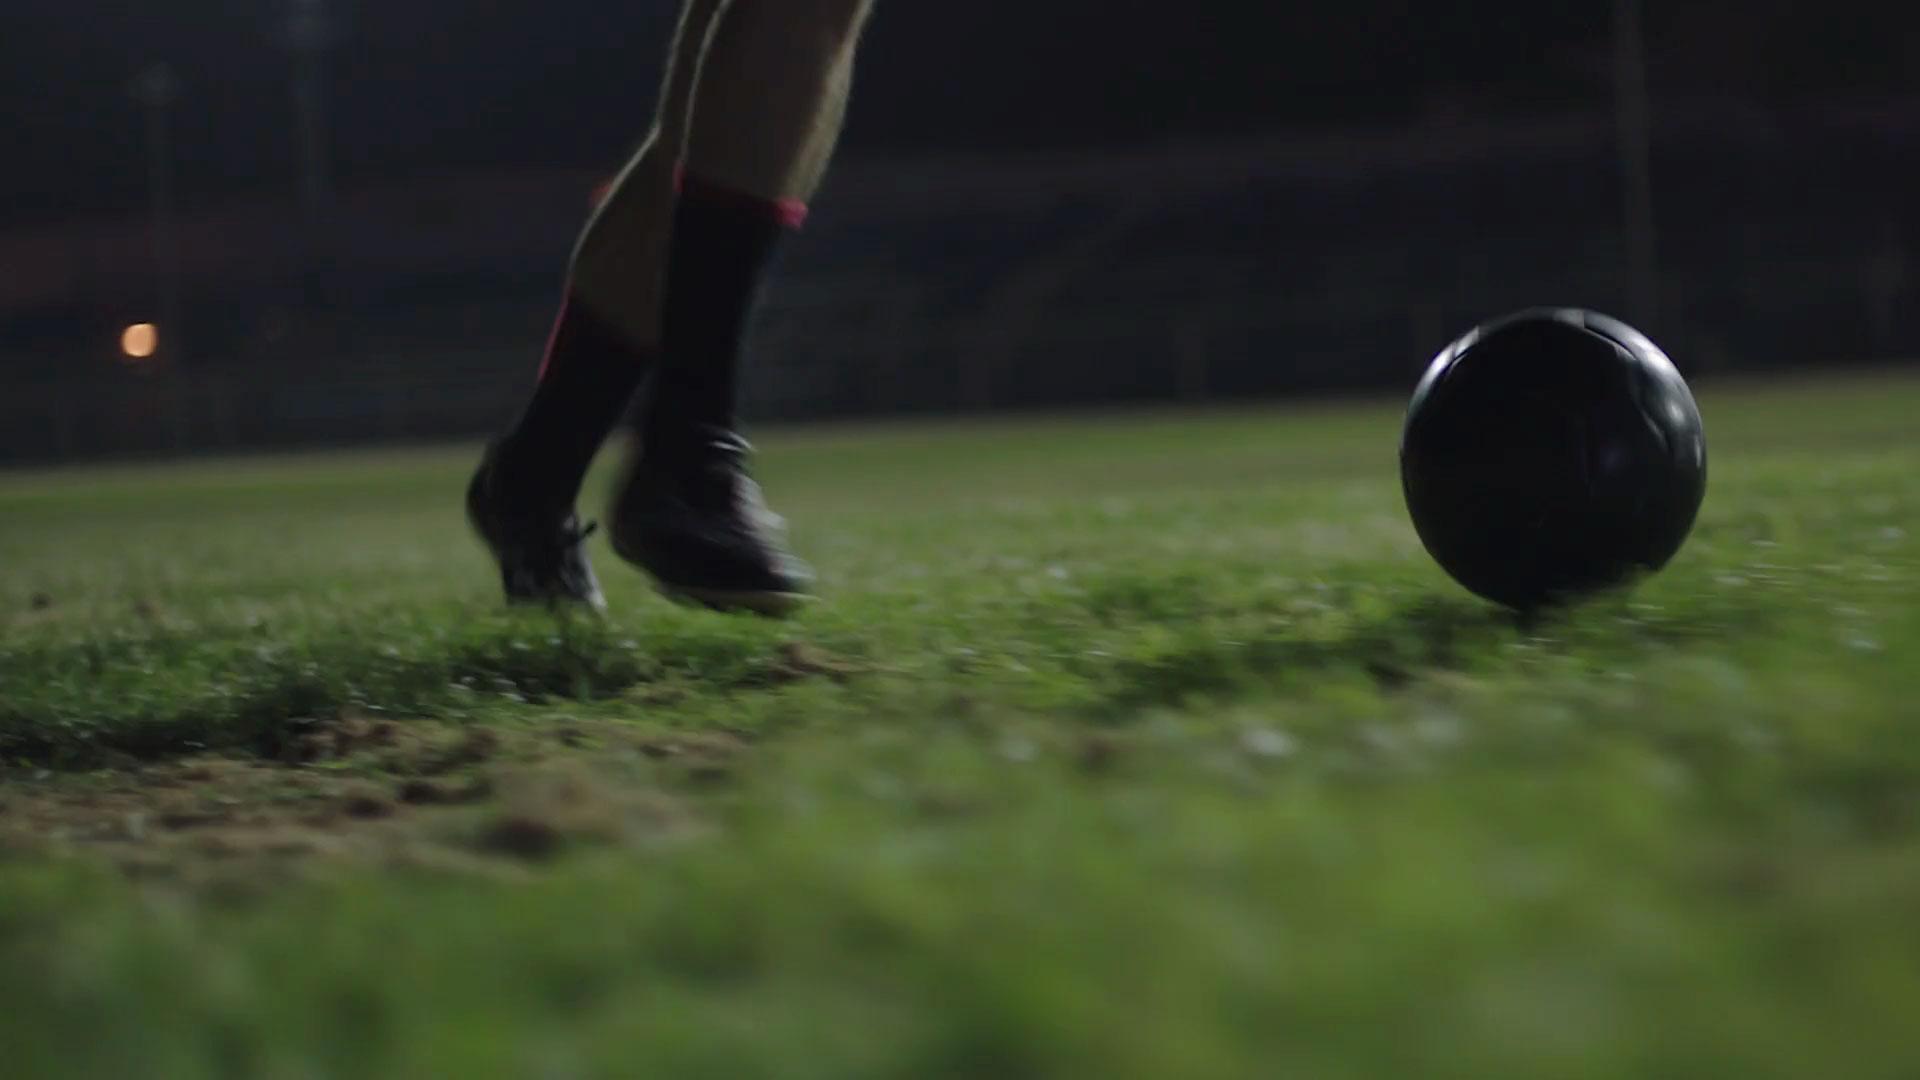 Metrx_Soccer